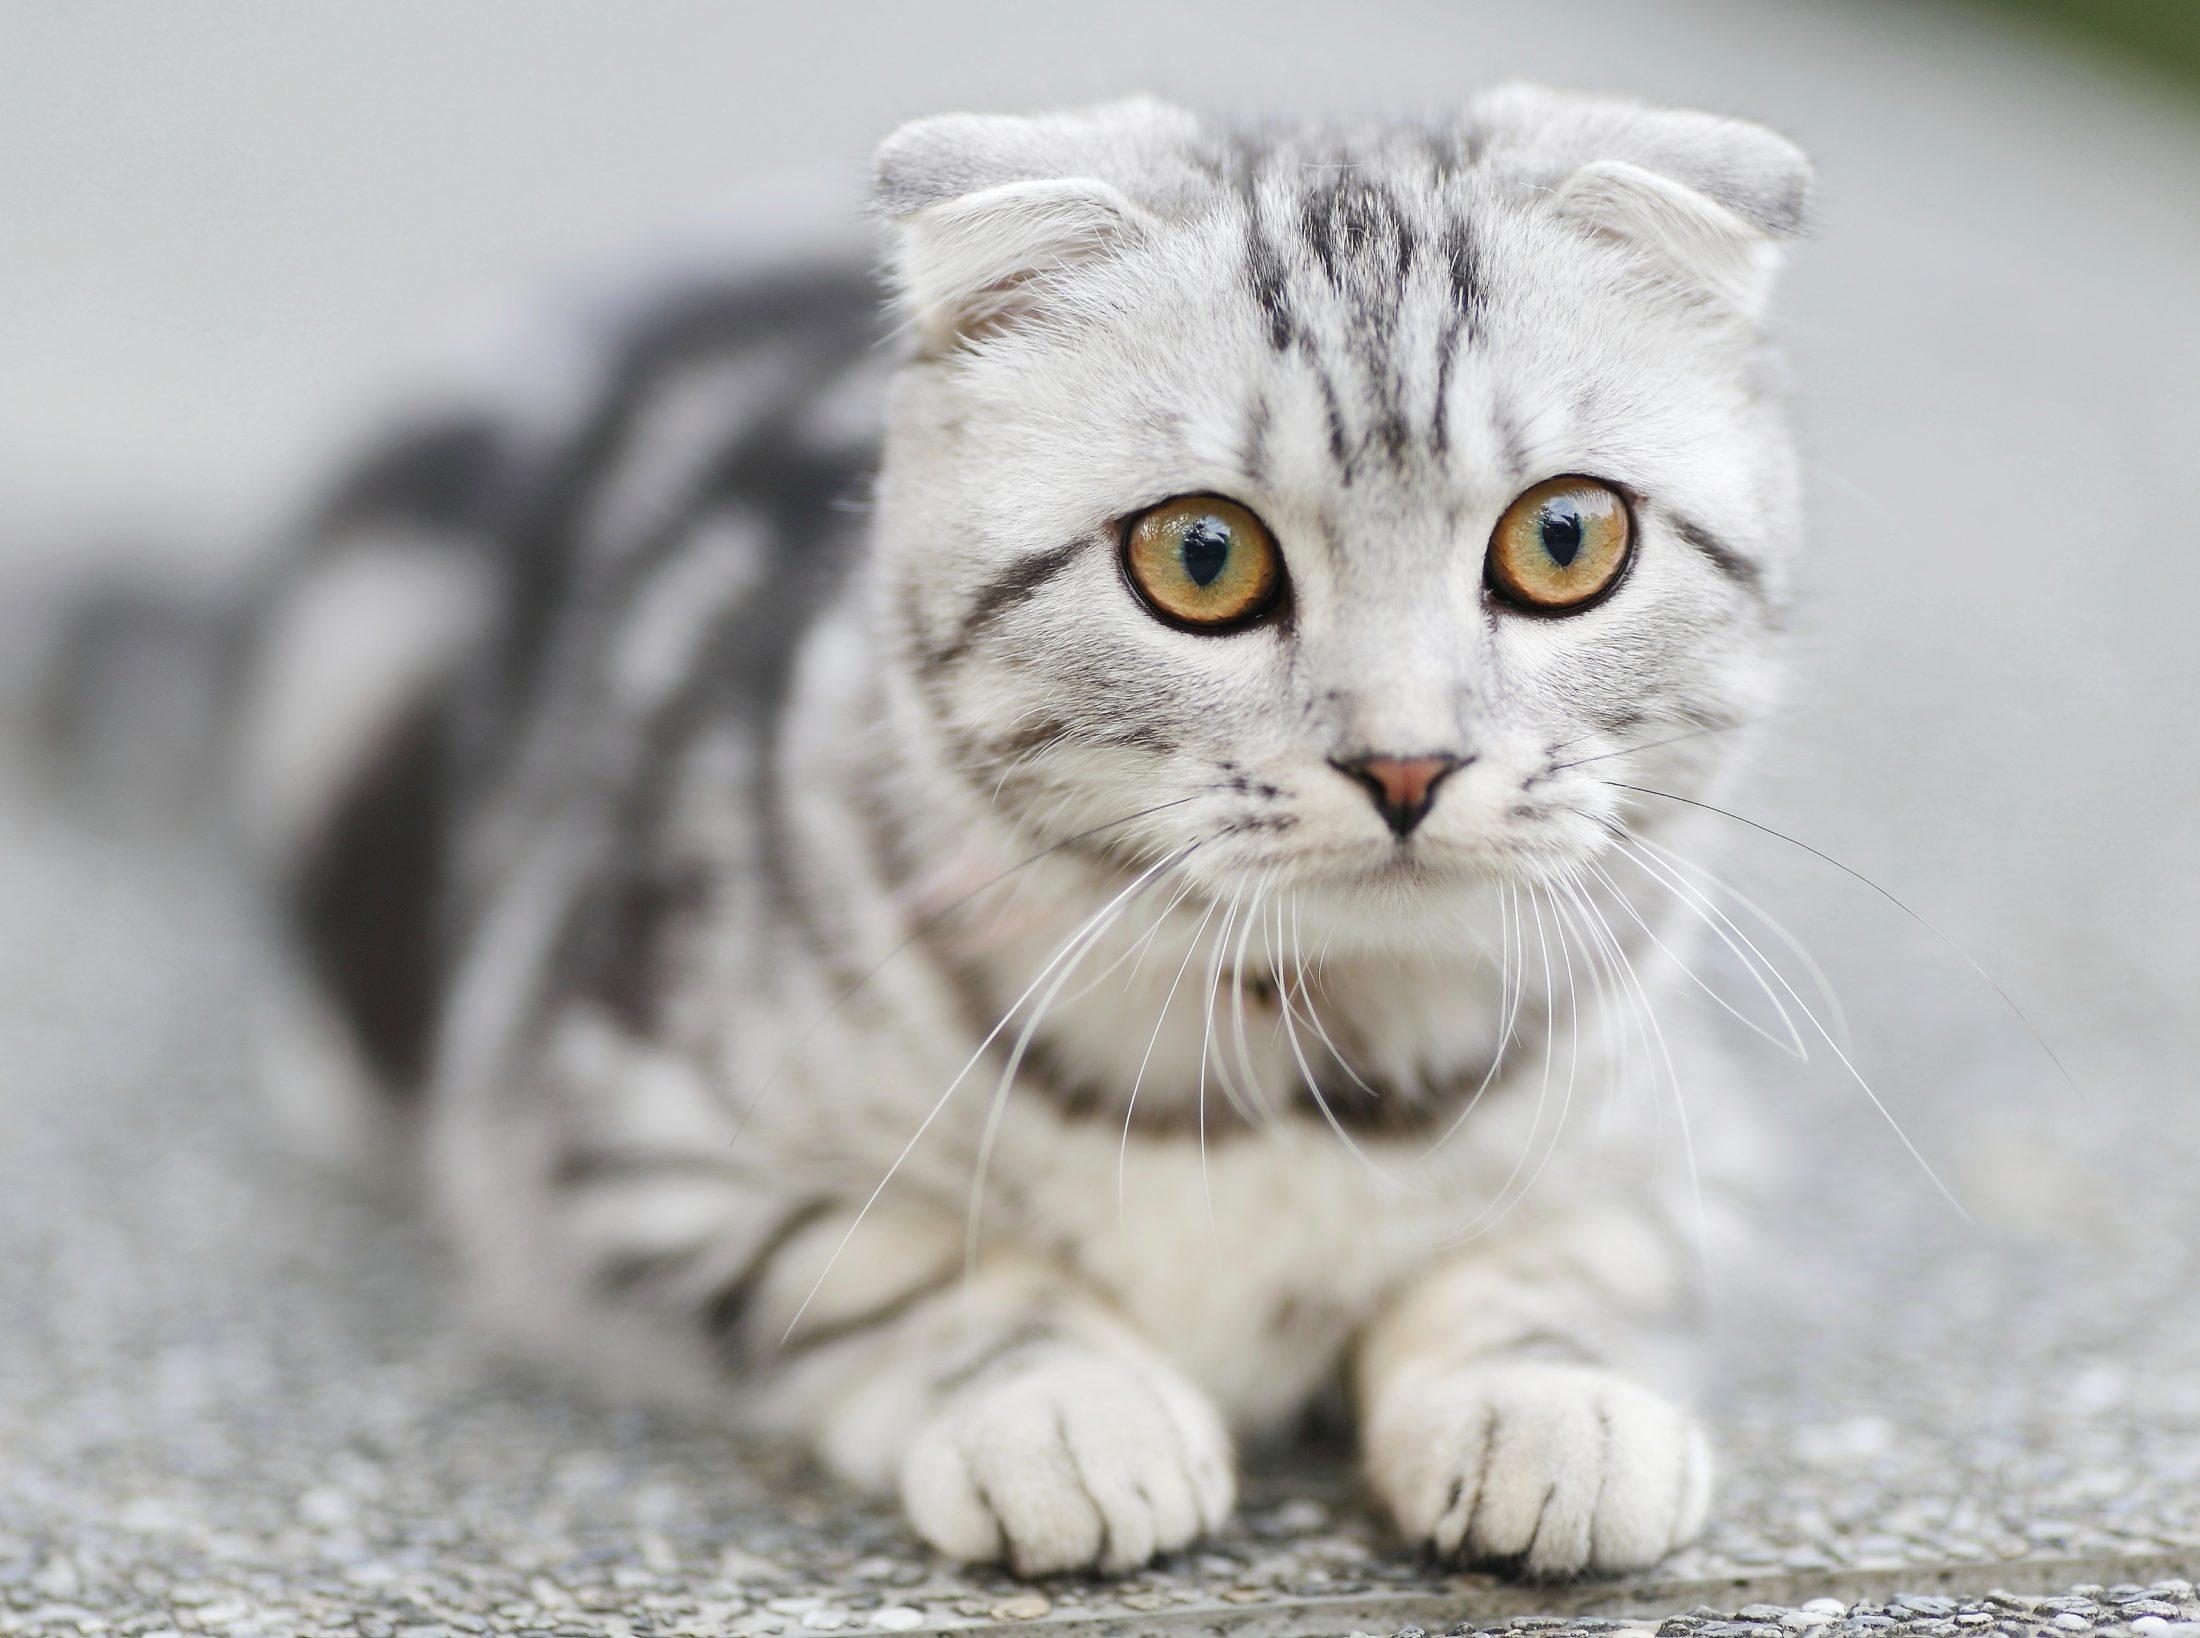 gato deitado no carpete